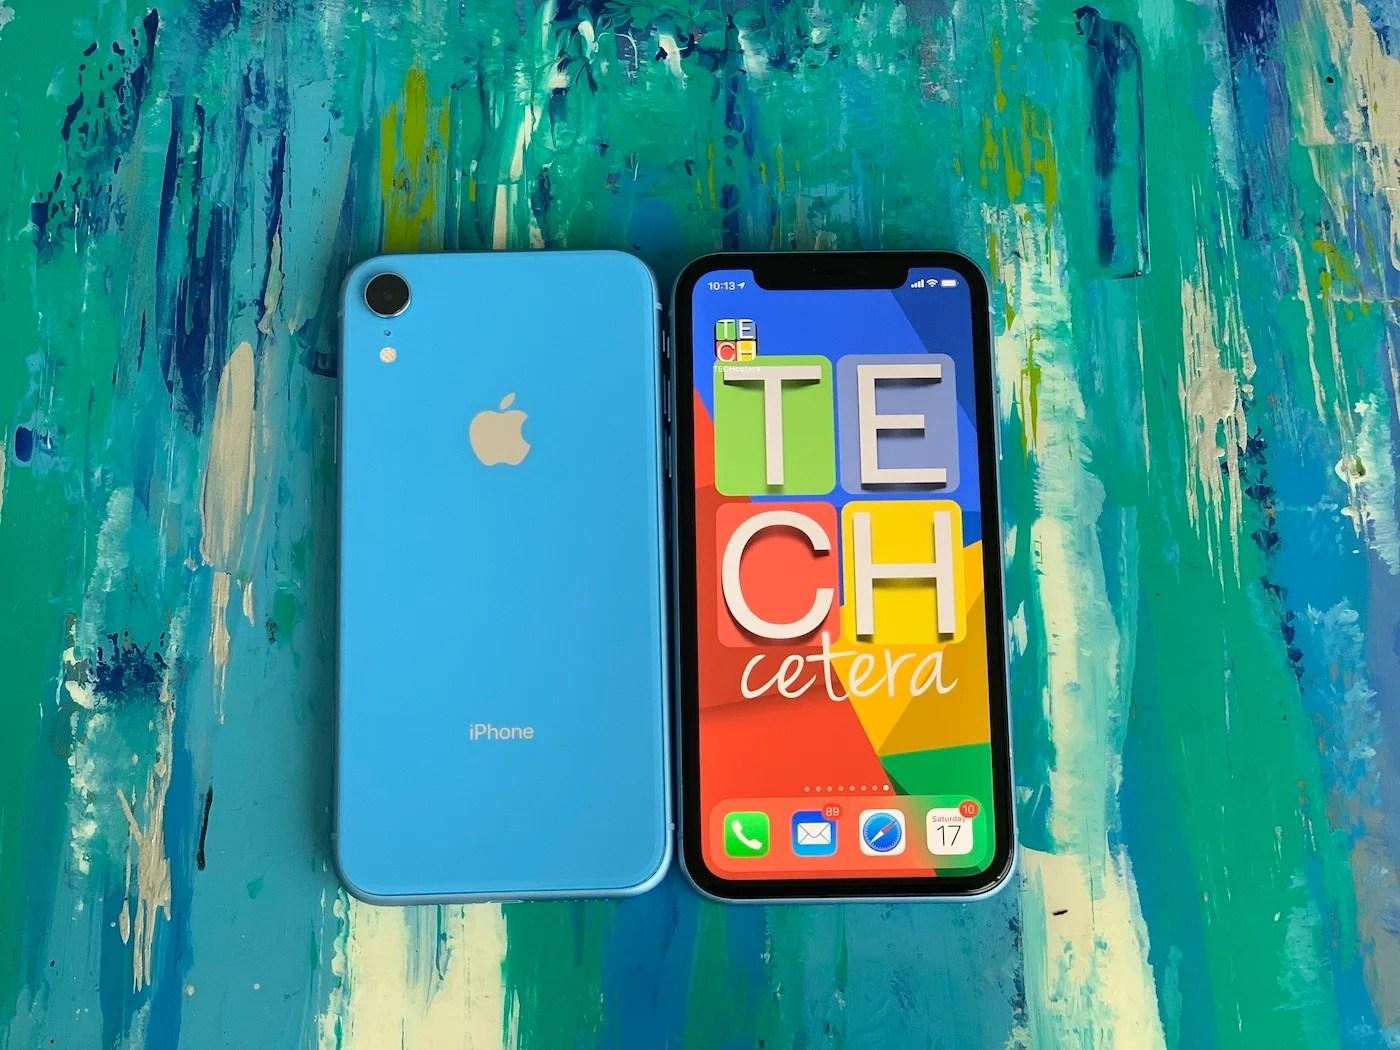 iPhone XR: El Mejor iPhone en varios años (Evaluación) - TECHcetera